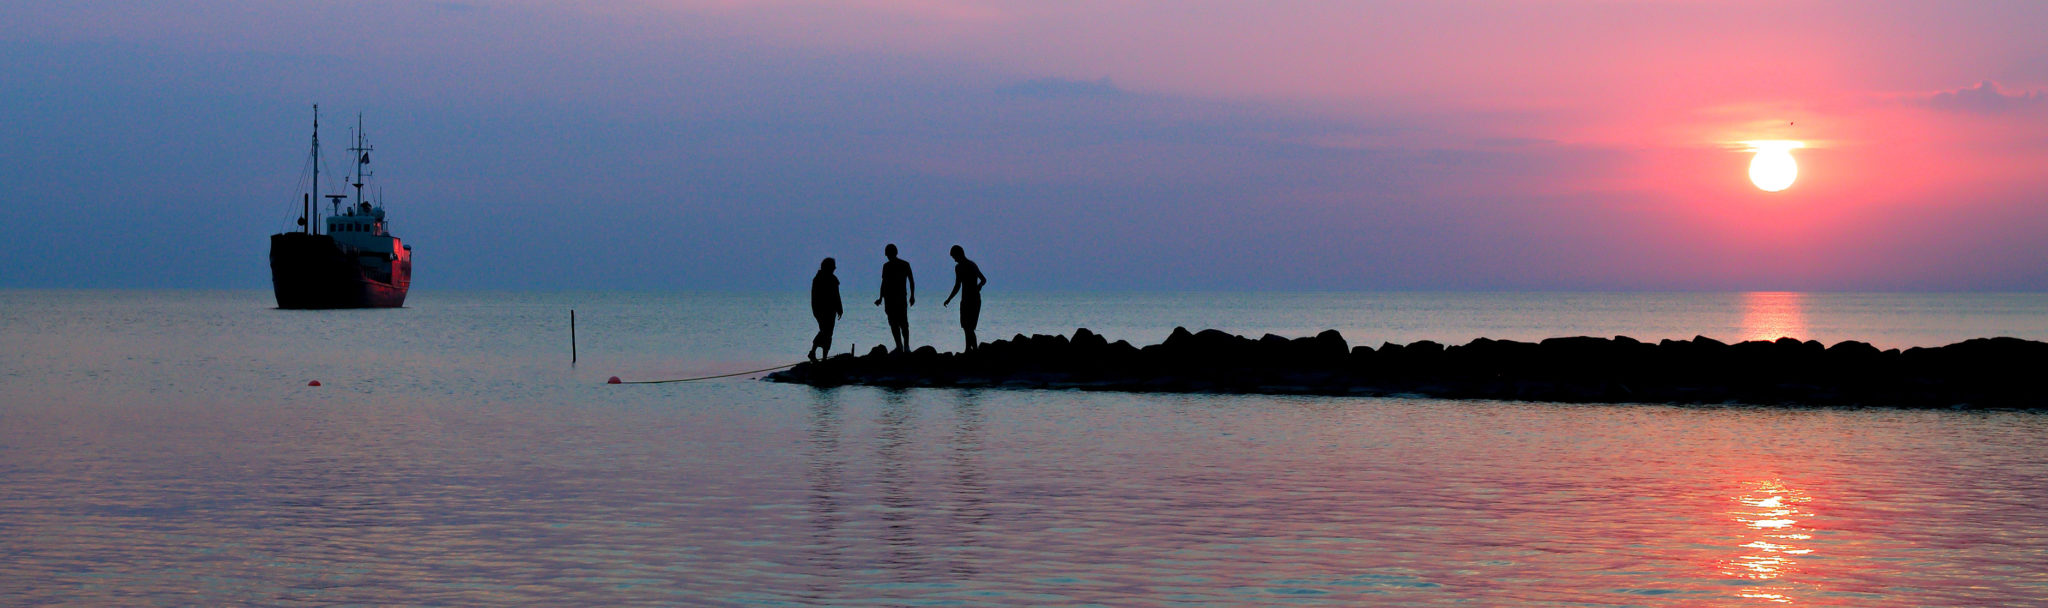 Sunset_Stavoren_Gruppe_sleider